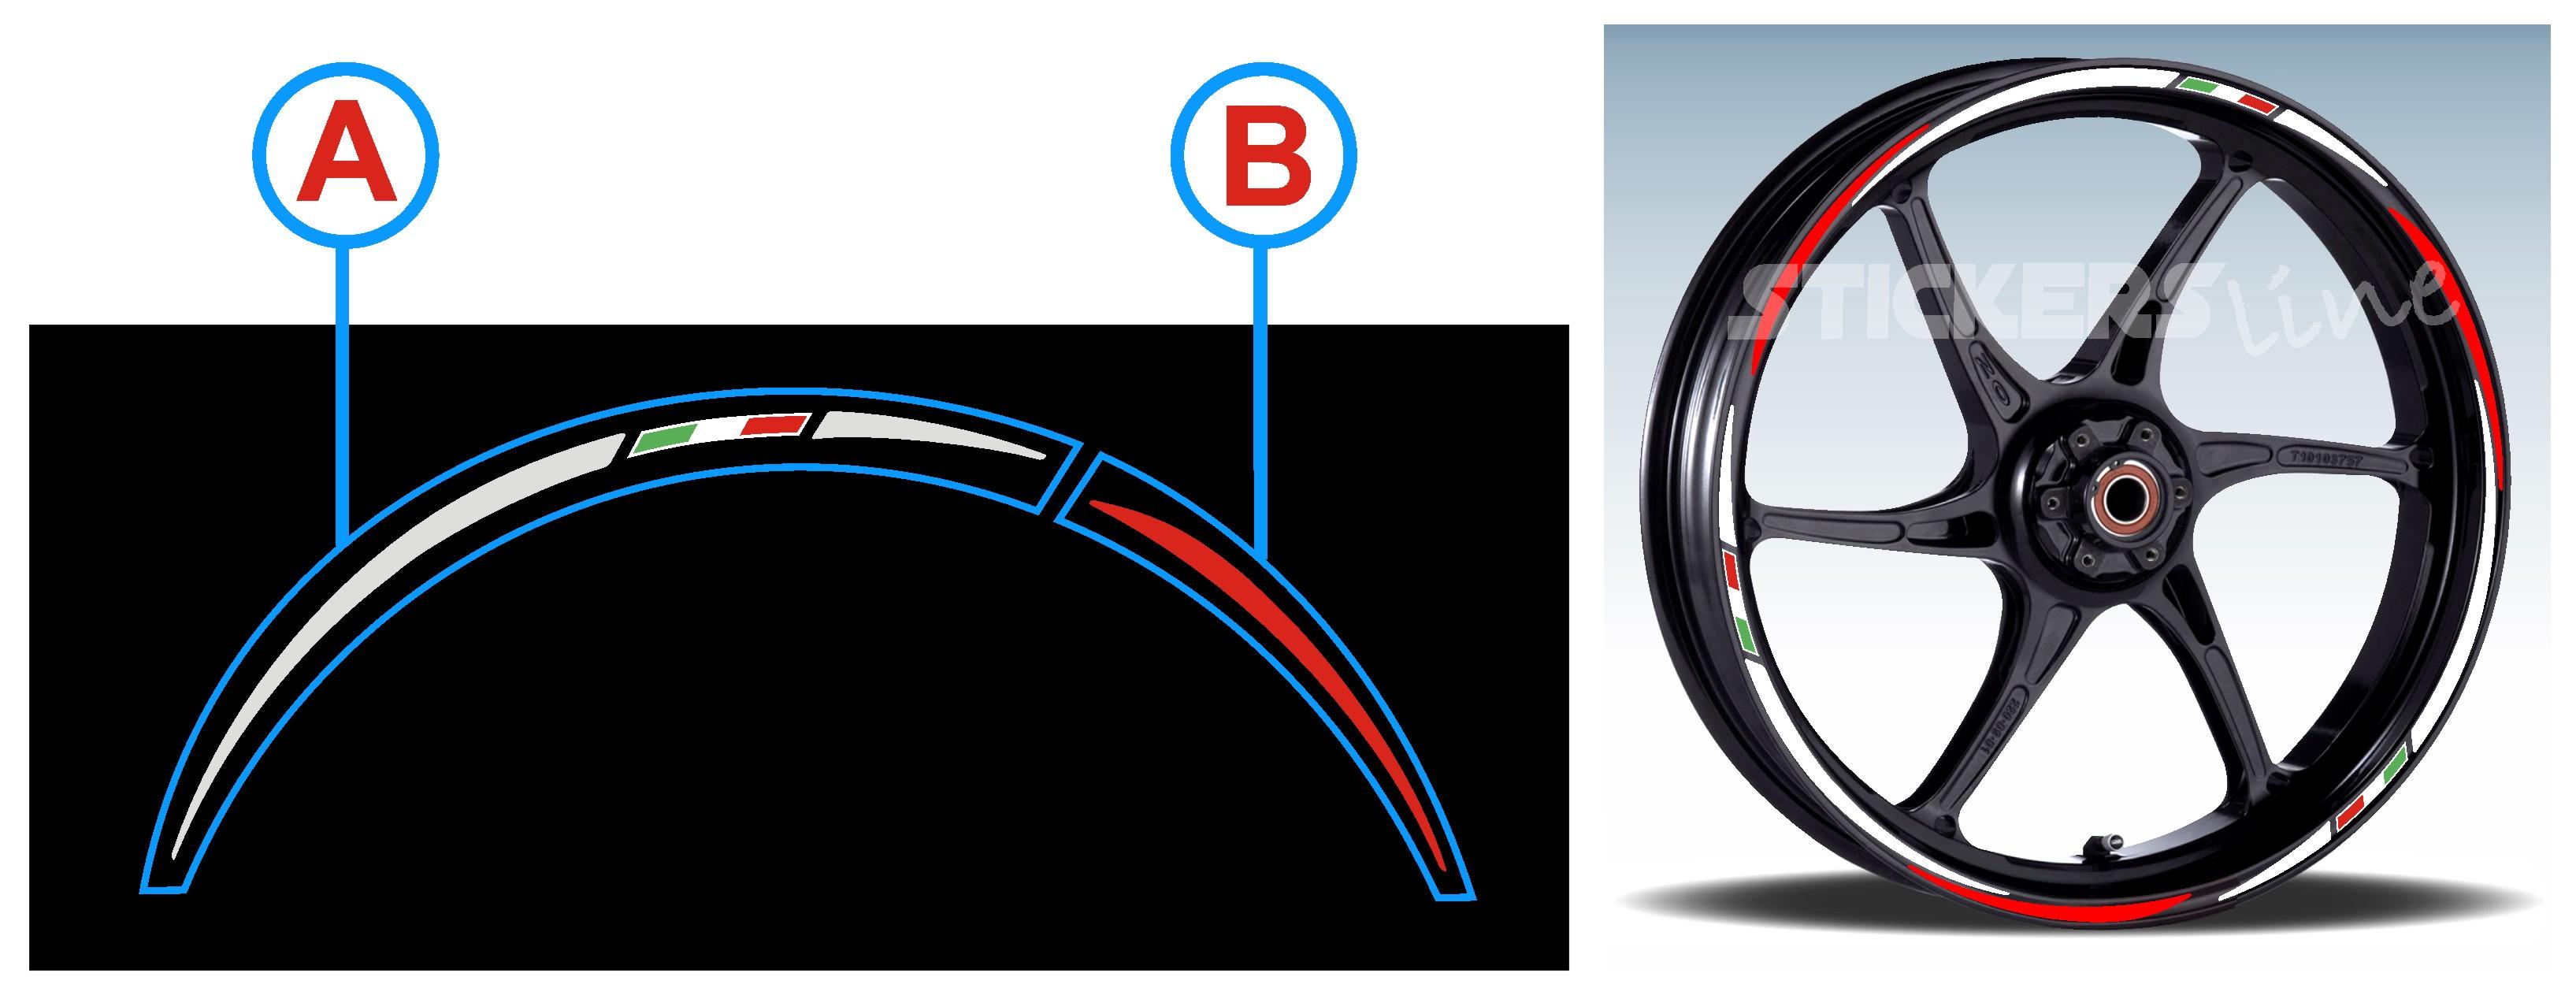 immagine scelta colori adesivi ruote a e b racing 3